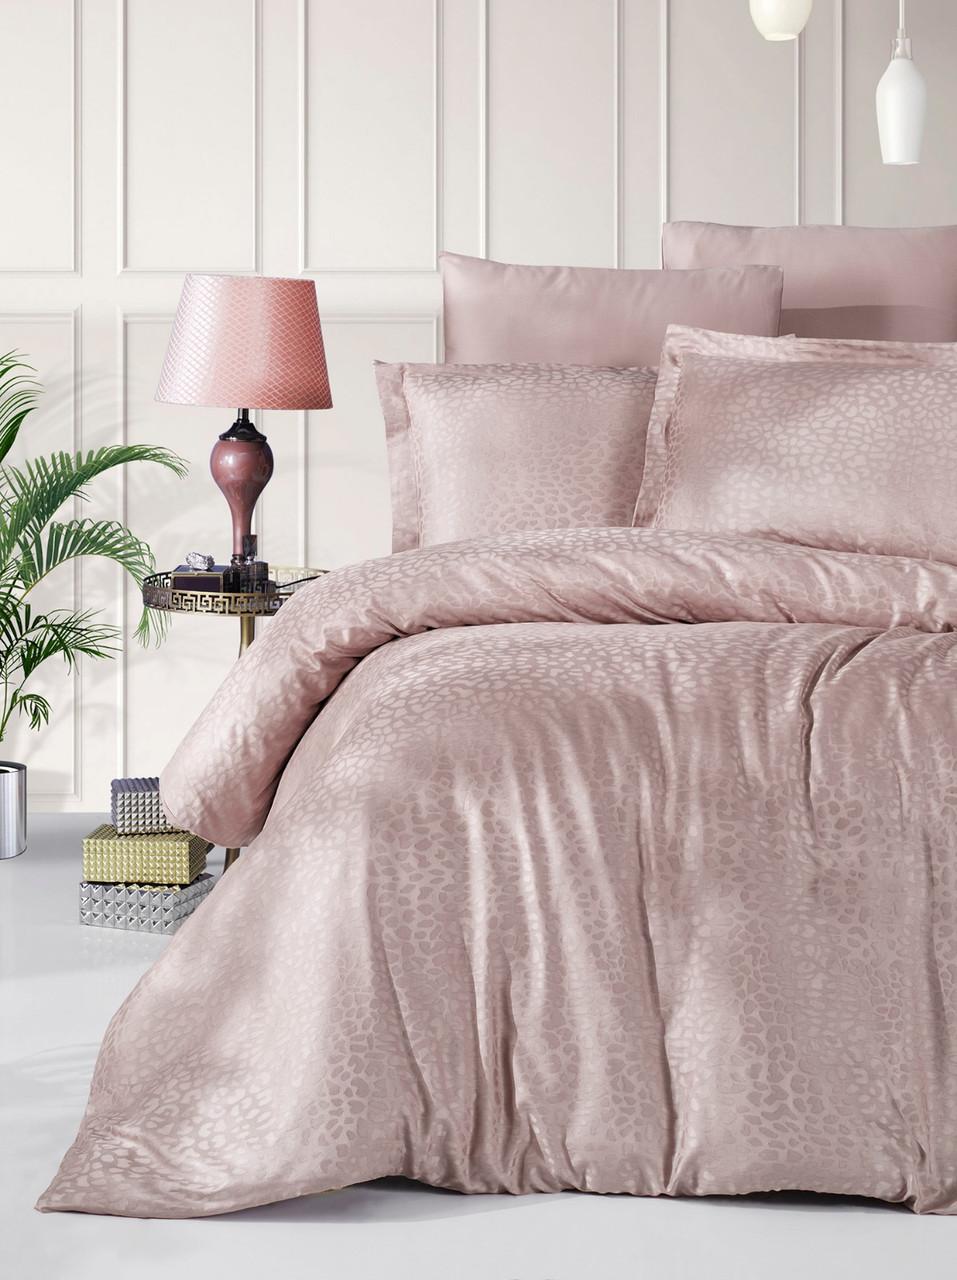 Комплект постельного белья Ecosse VIP сатин жаккард 200х220 Damask Kahve беж